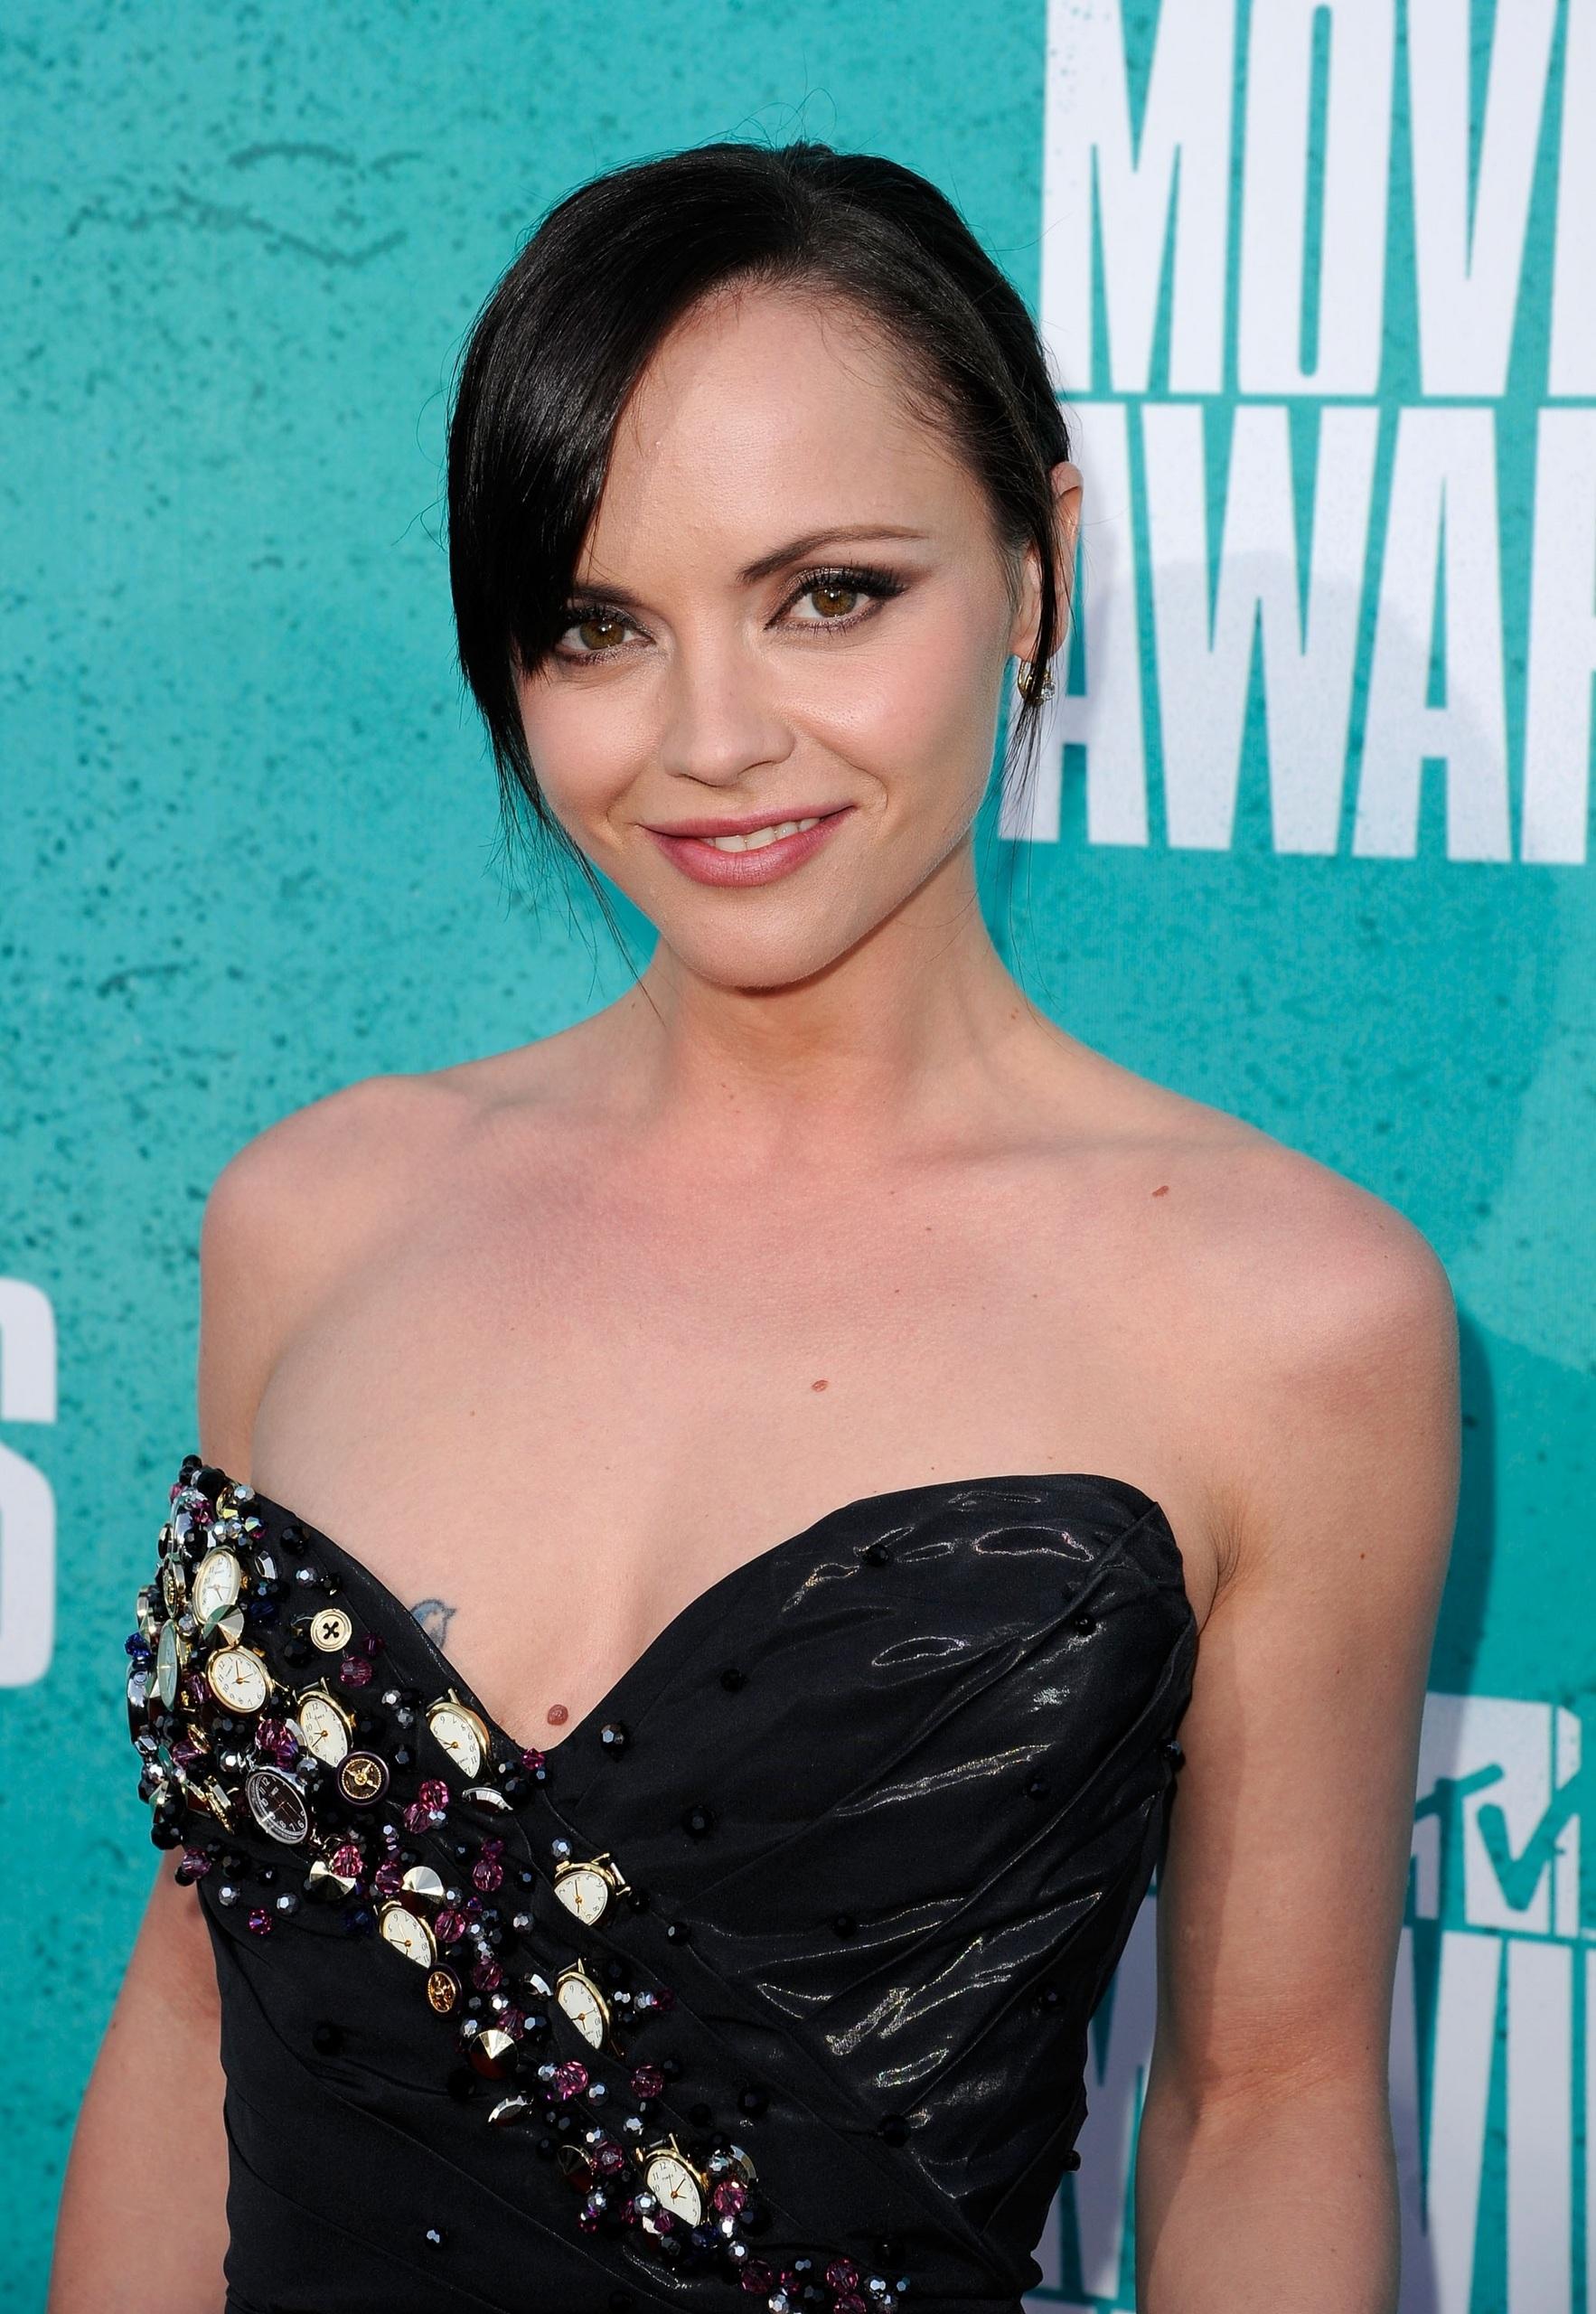 Strani compagni di letto - Pagina 4 2012-MTV-Movie-Awards-christina-ricci-31045242-1766-2560